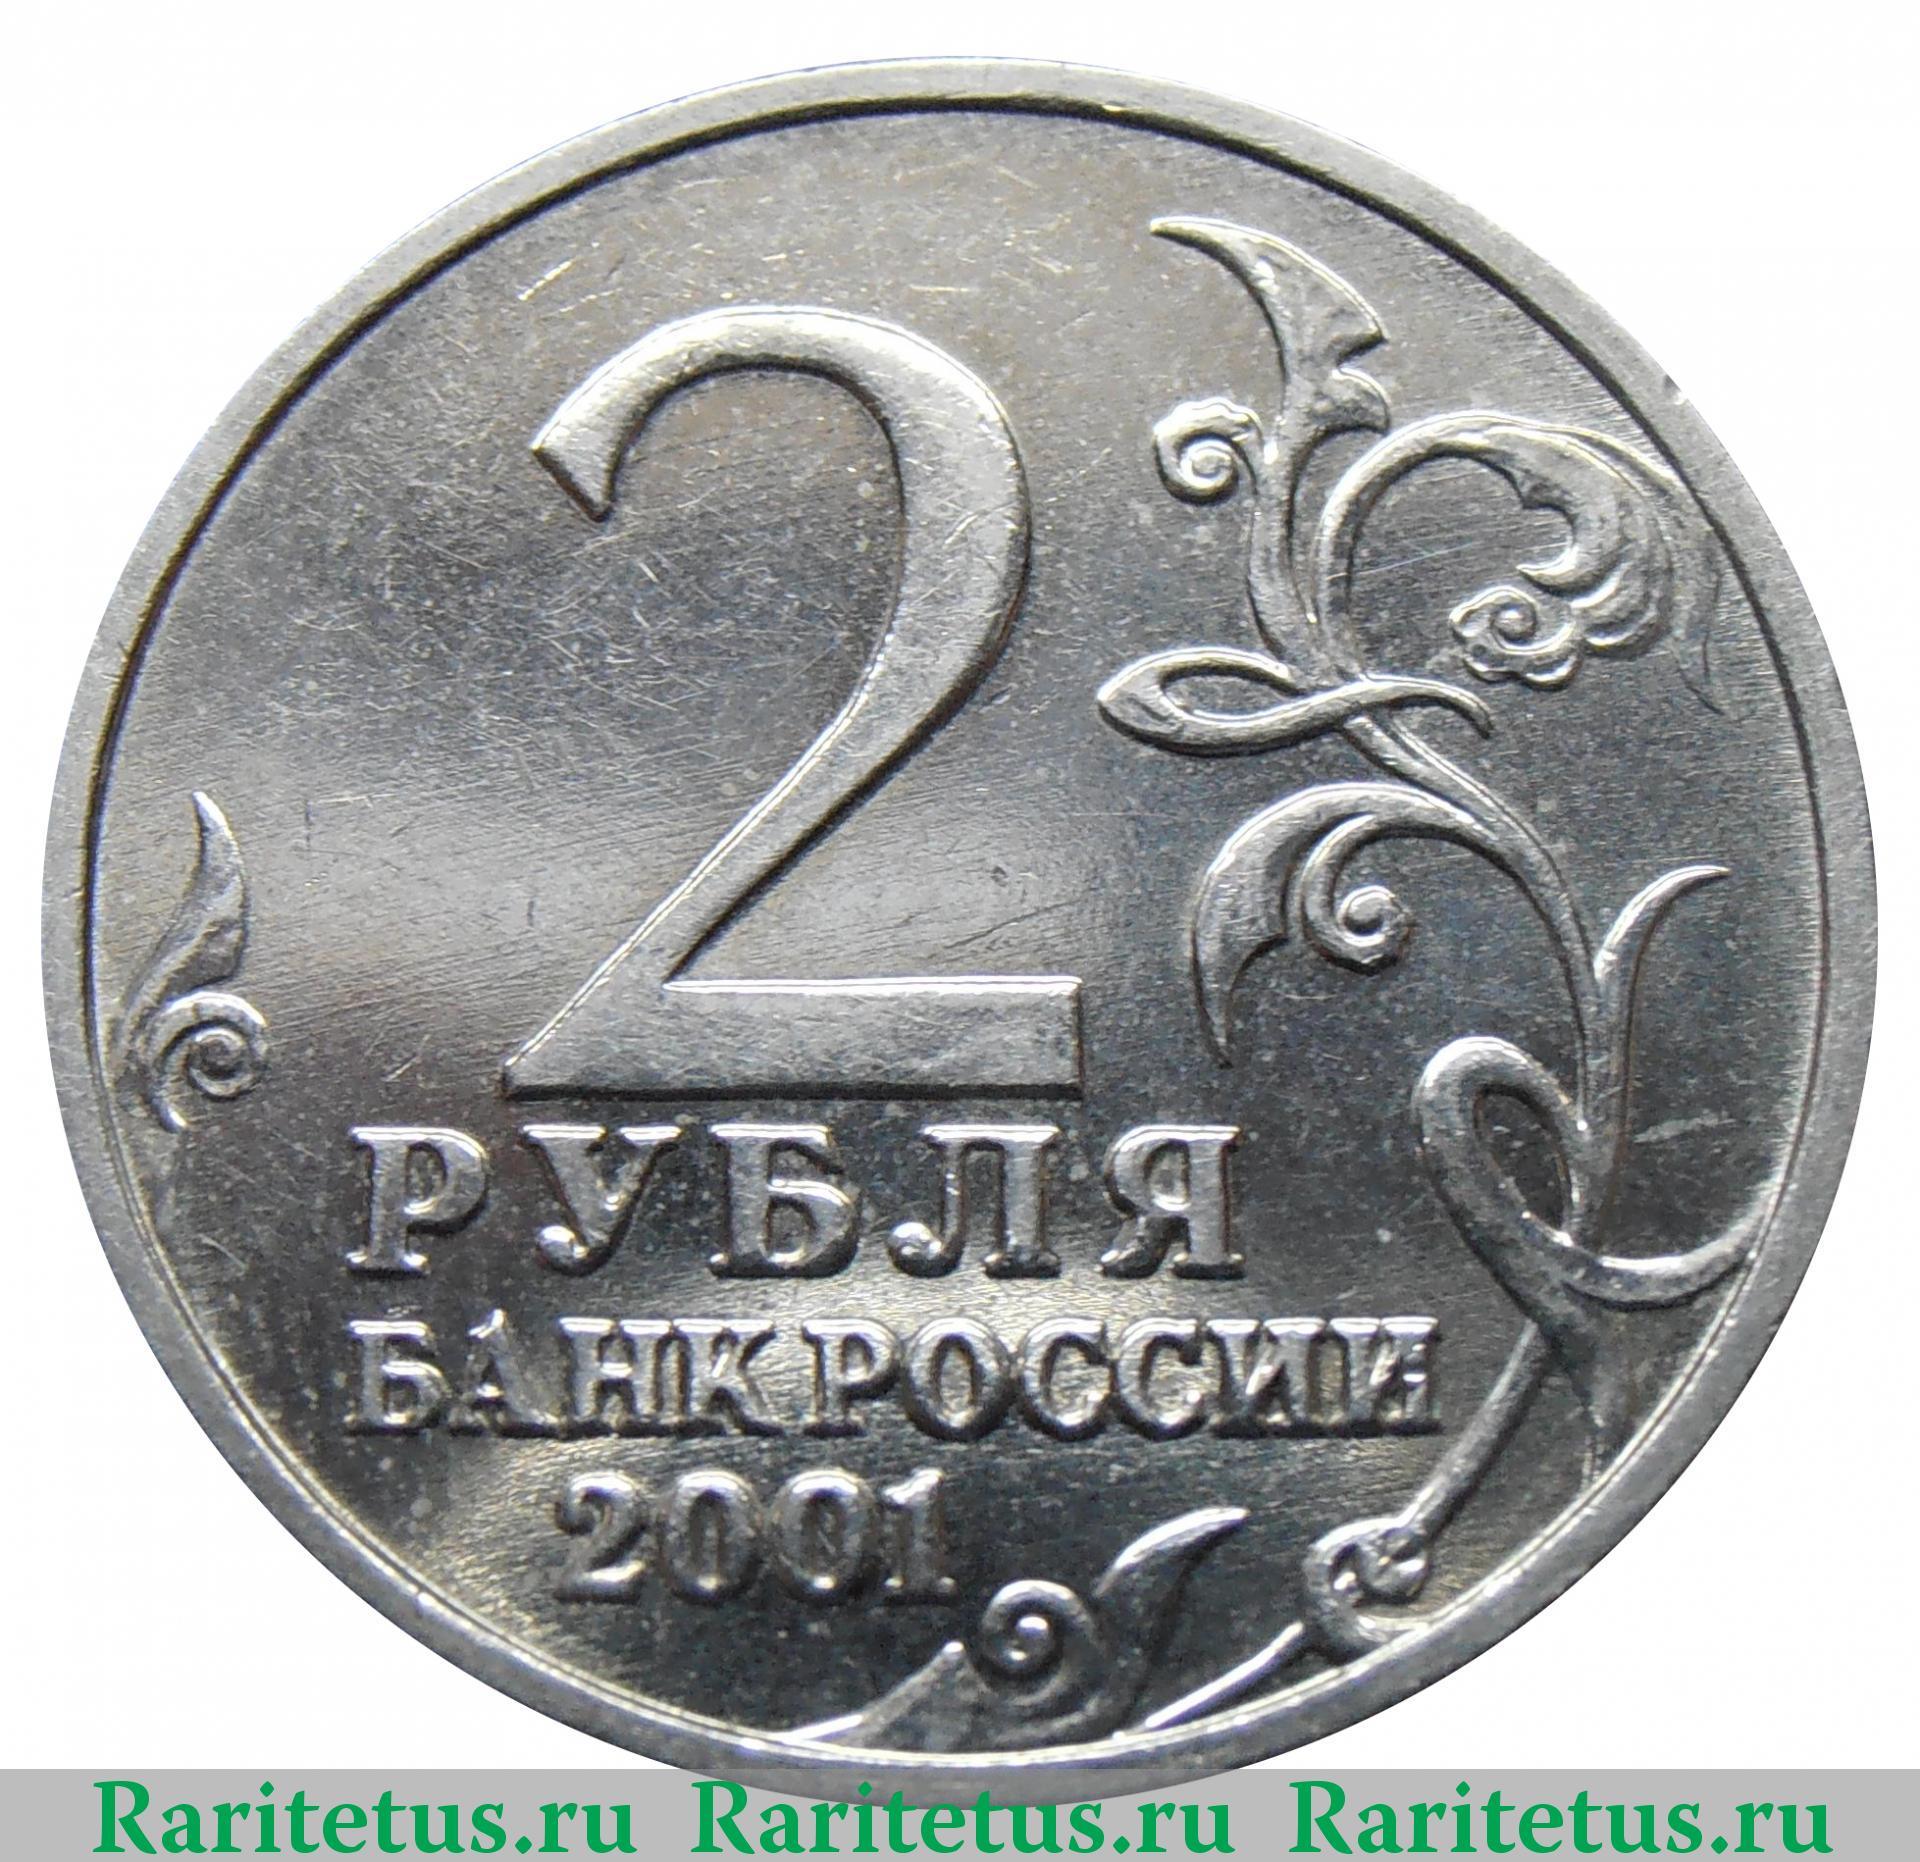 2 рубля без знака монетного двора последнее крупное сражение наполеона 1 произошло